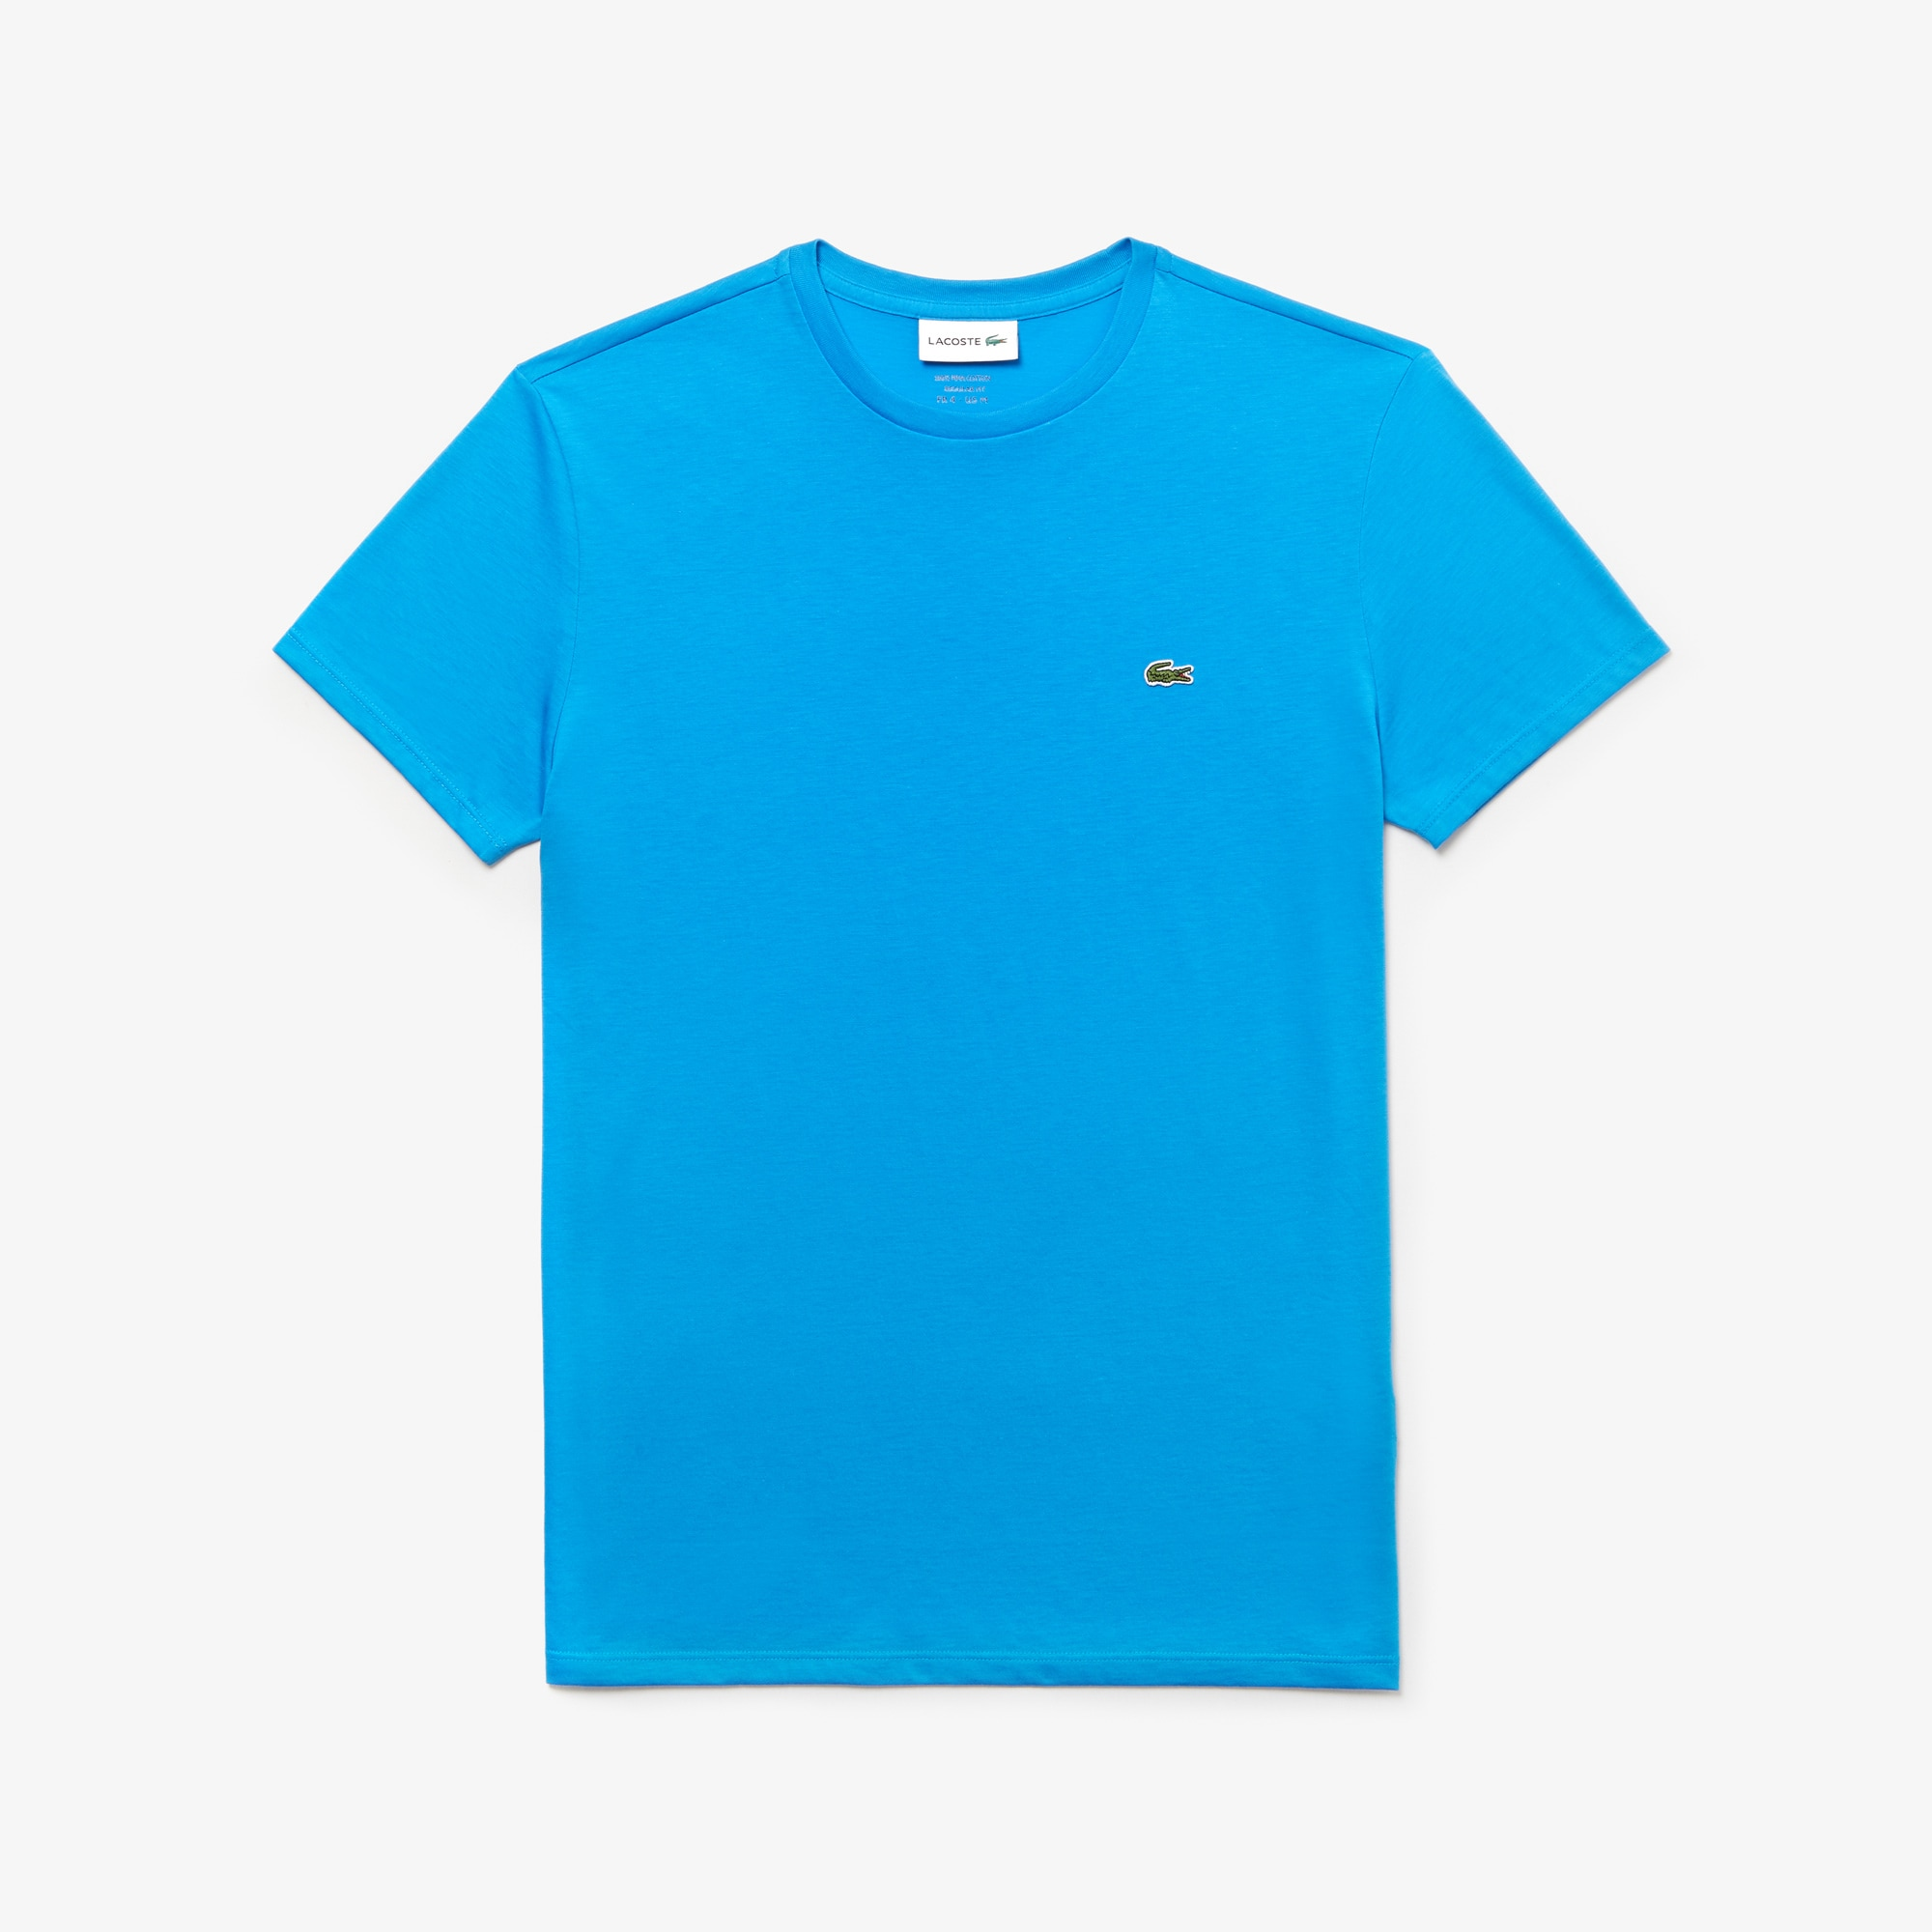 Camiseta Masculina em Jérsei de Algodão Pima com Gola Redonda